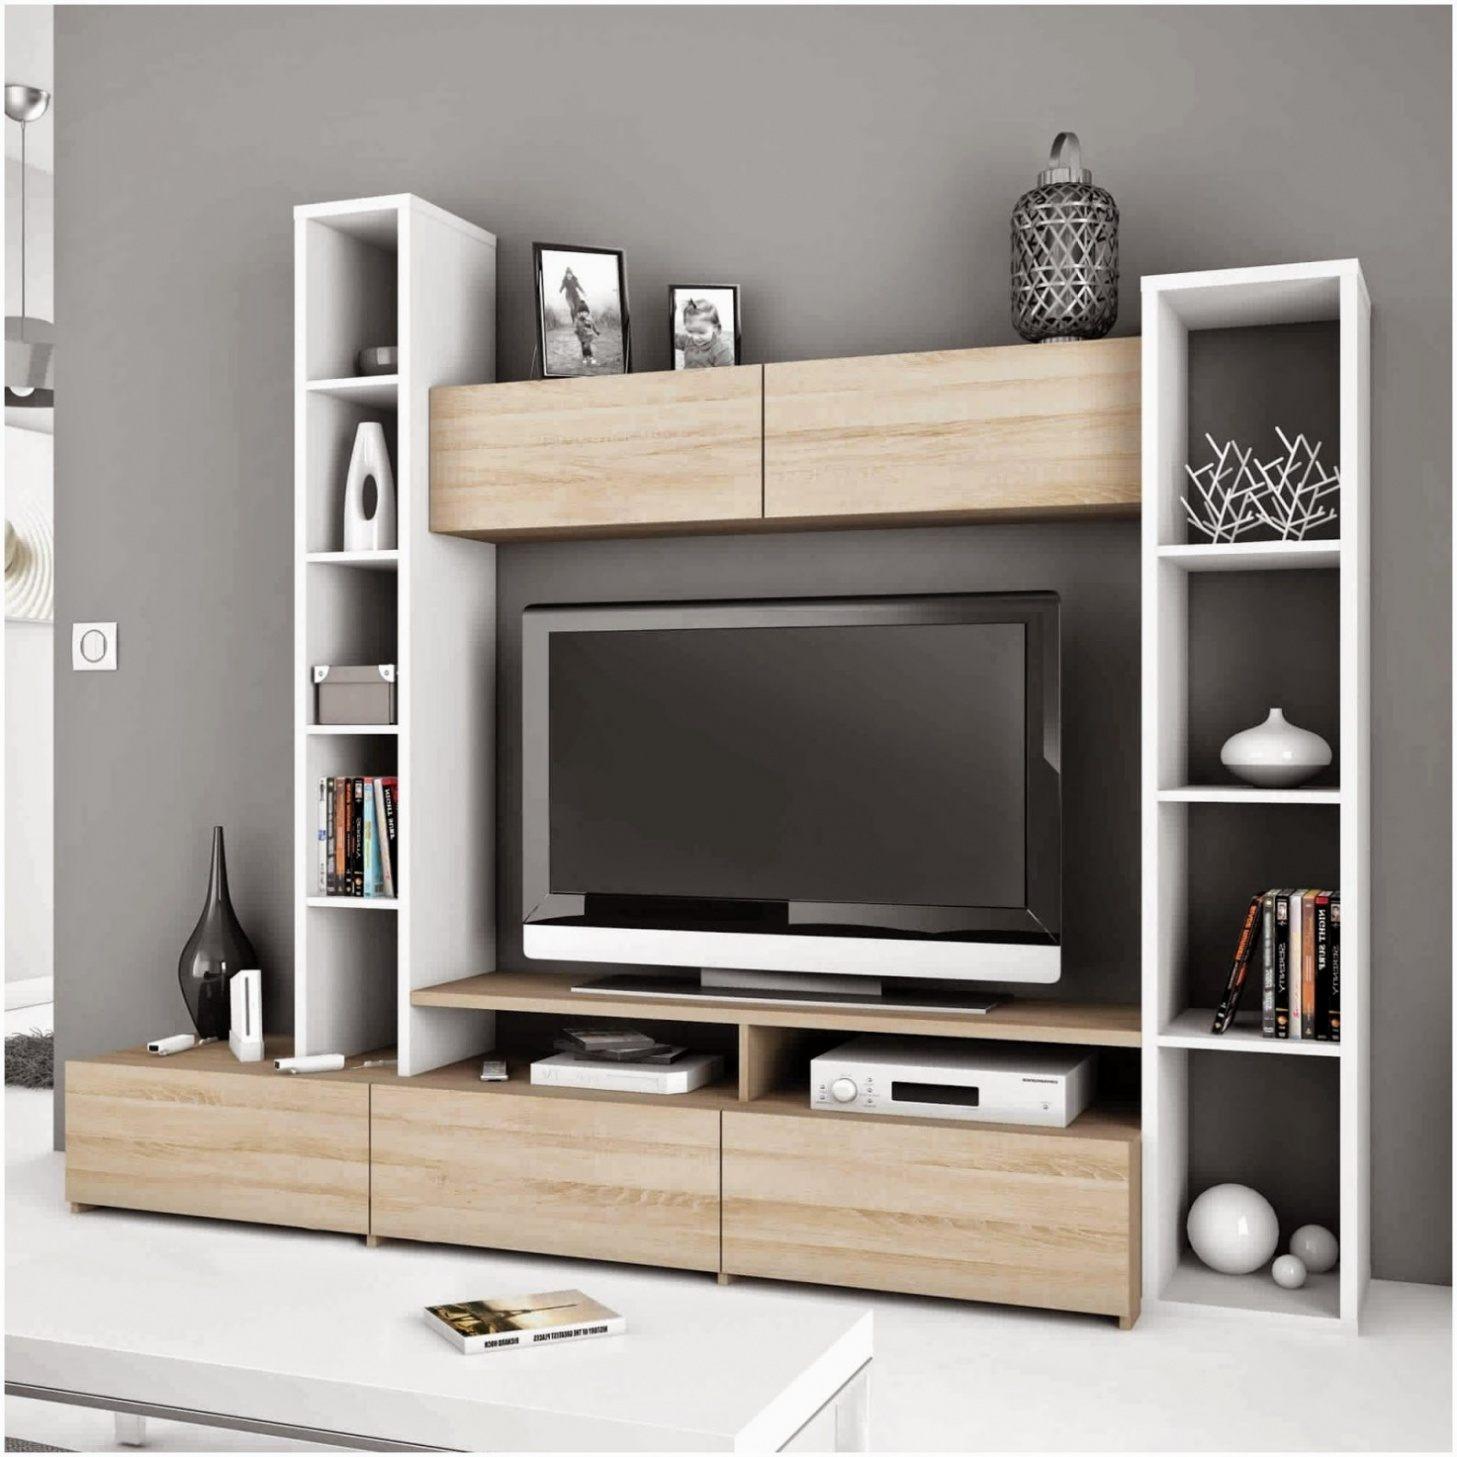 meuble colonne salon le luxe meuble tv mural bois elegant meuble tv bois beau meuble atelier 0d de meuble colonne salon